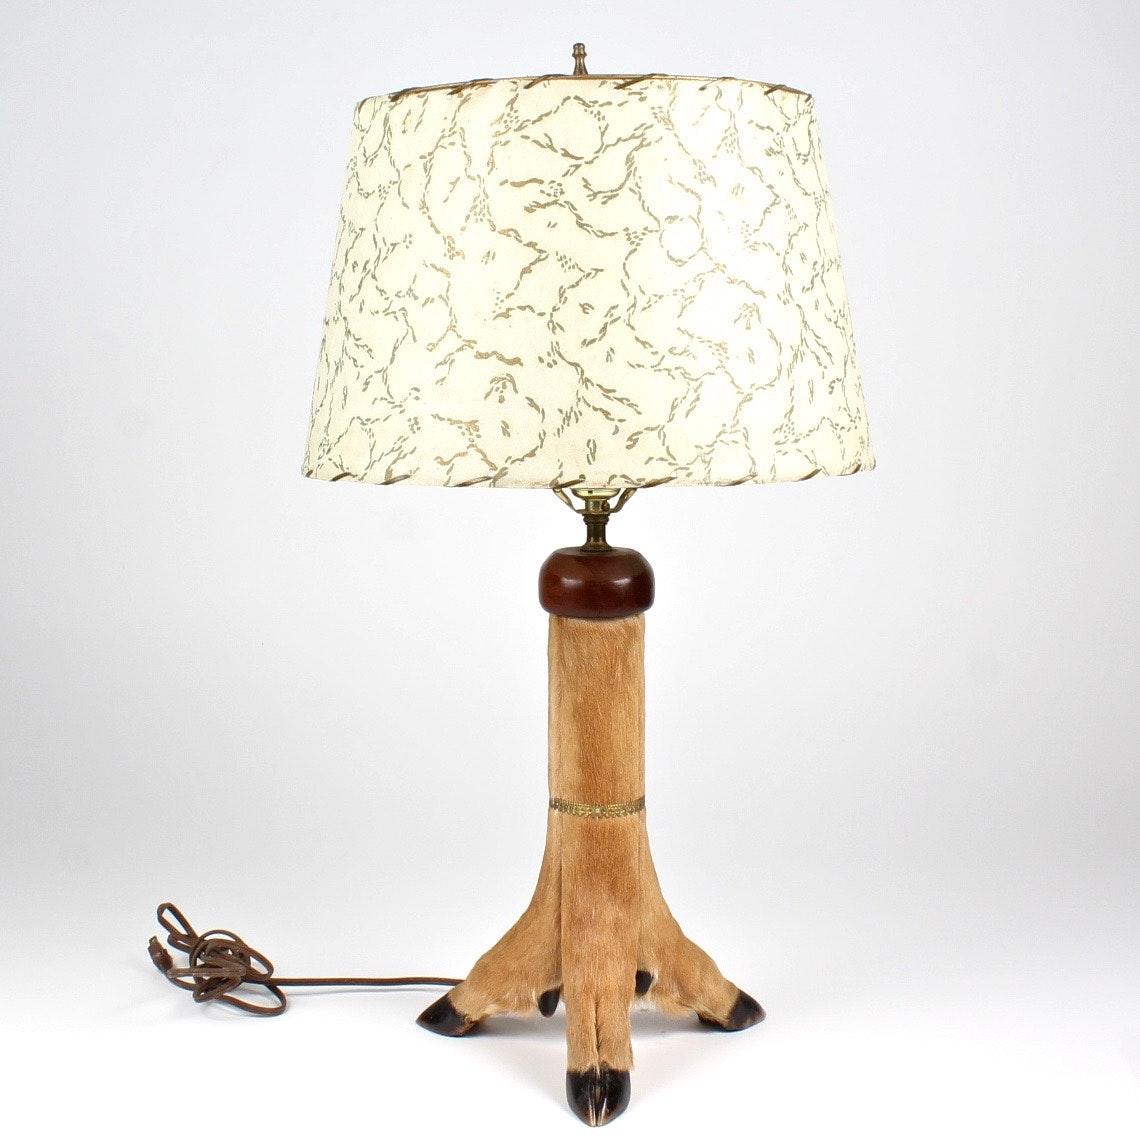 Three Legged Deer Table Lamp